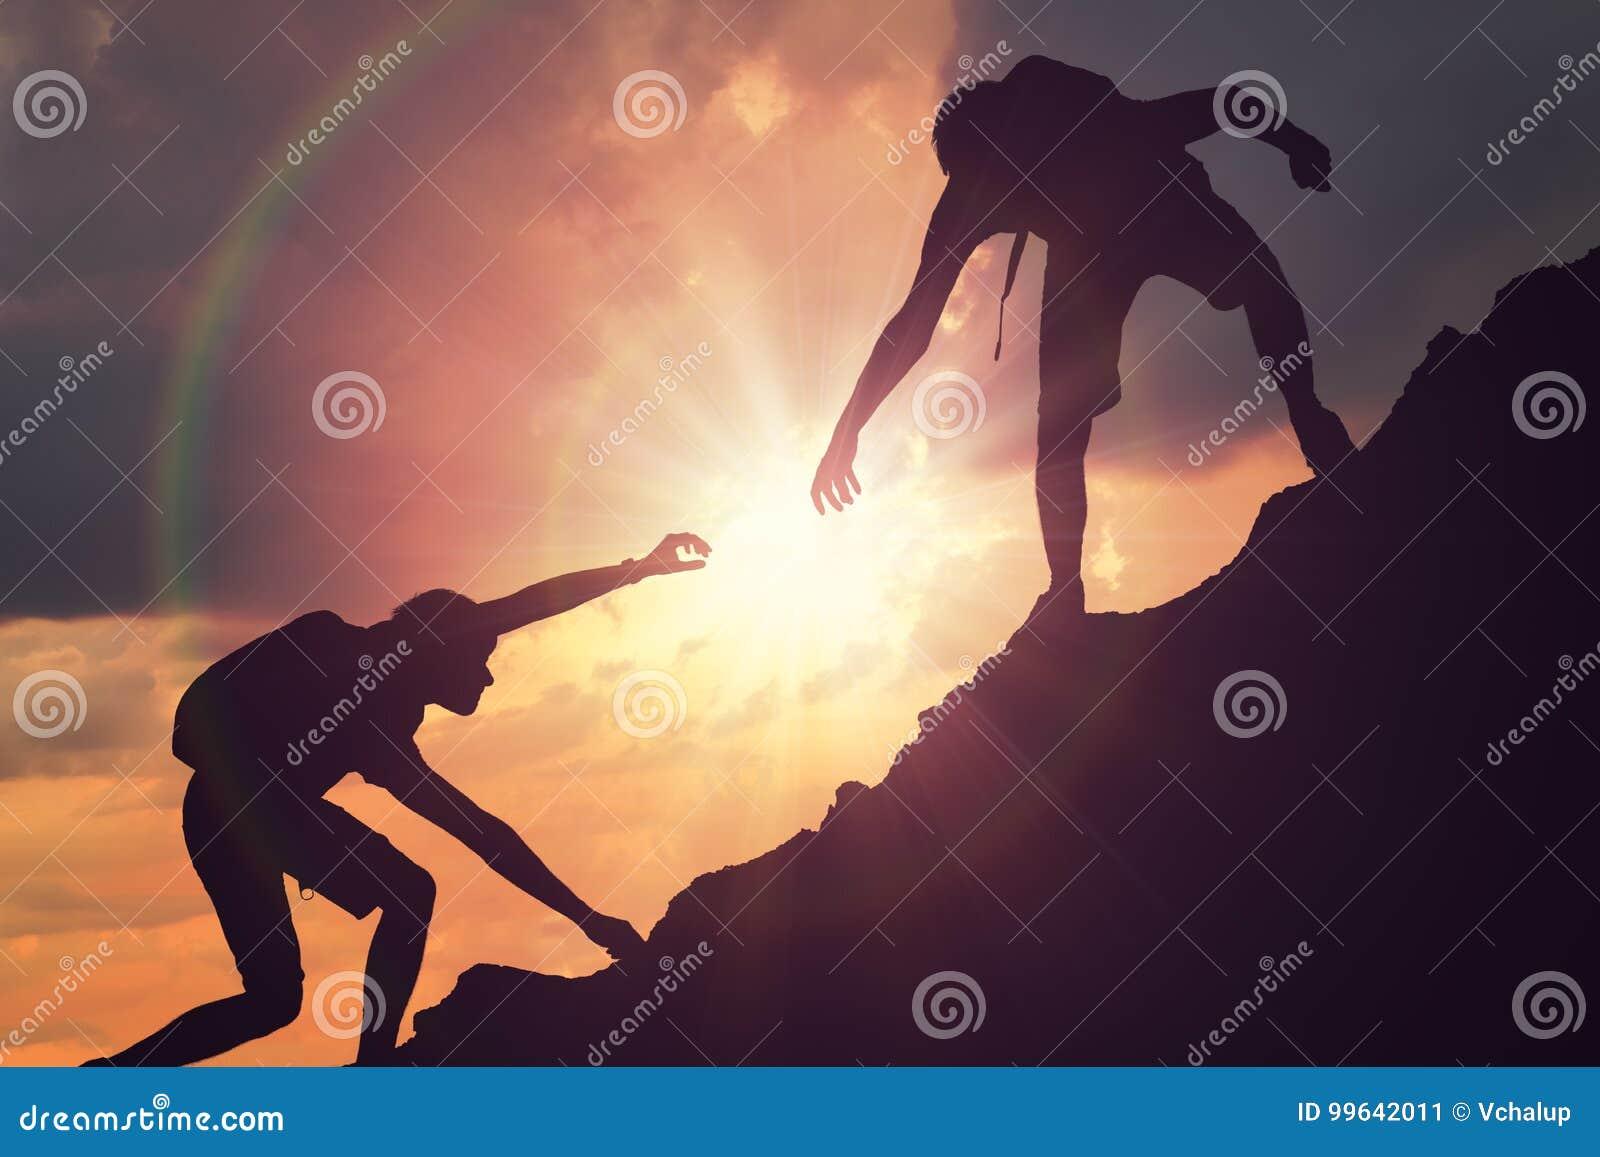 El hombre está dando la mano amiga Siluetas de la gente que sube en la montaña en la puesta del sol